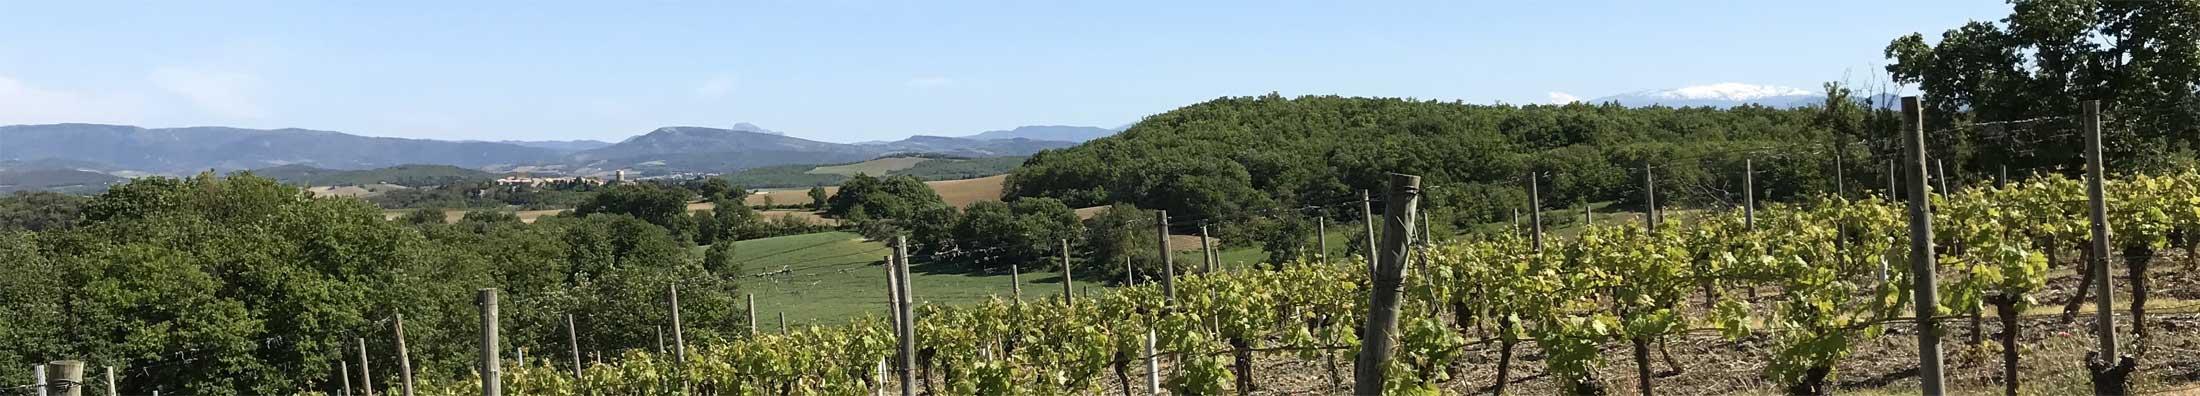 Beste Bed and Breakfast - Frankrijk - Tarn-et-Garonne - Castelsarrasin - Belvèze - La Mouline - topfoto